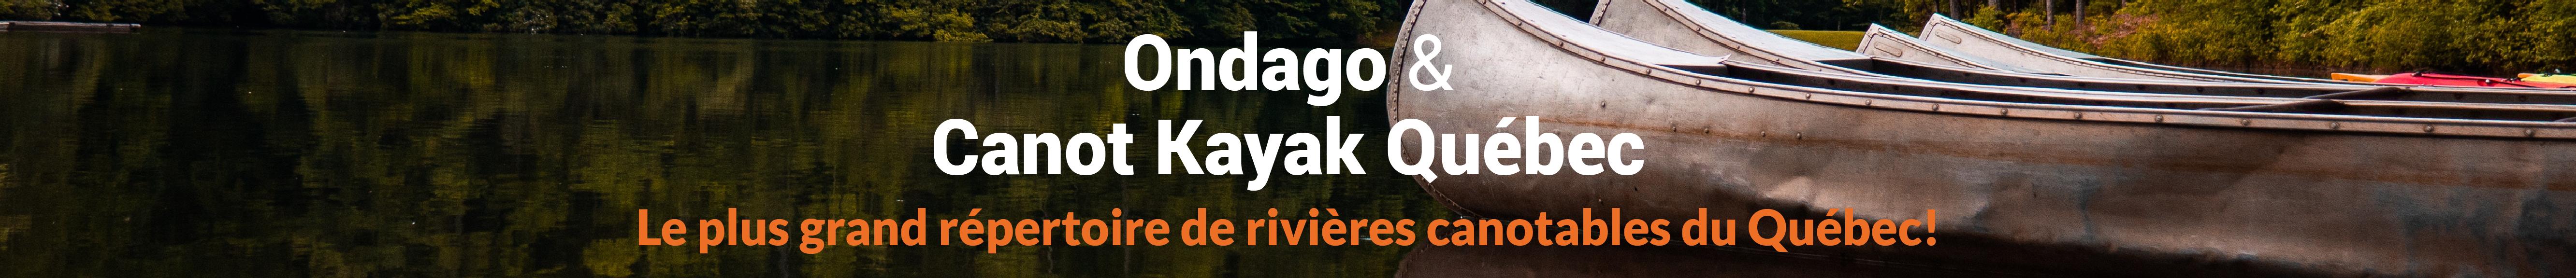 Répertoire de cartes Canot Kayak Québec